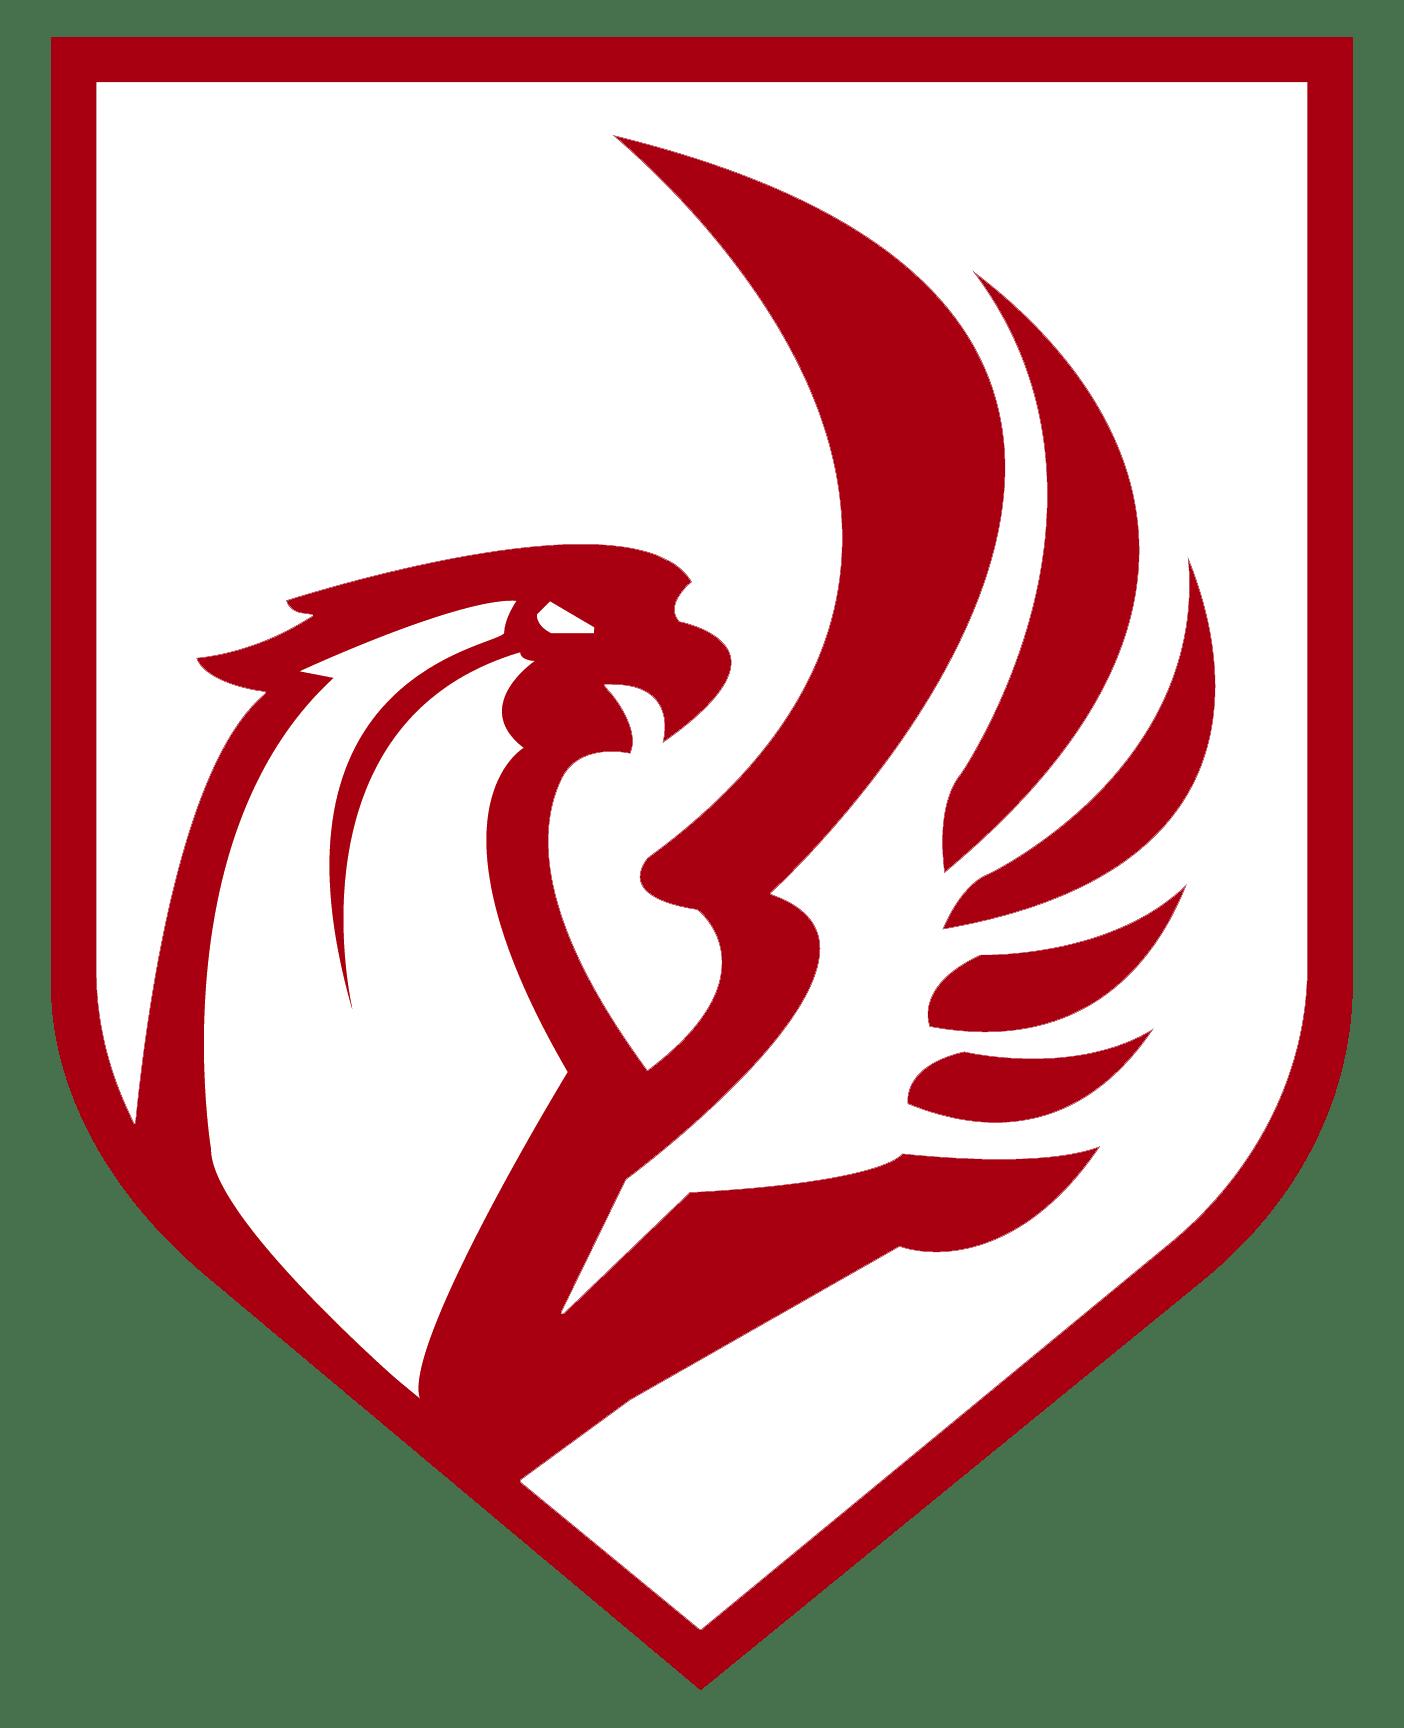 Dynamiques du Collège André-Grasset